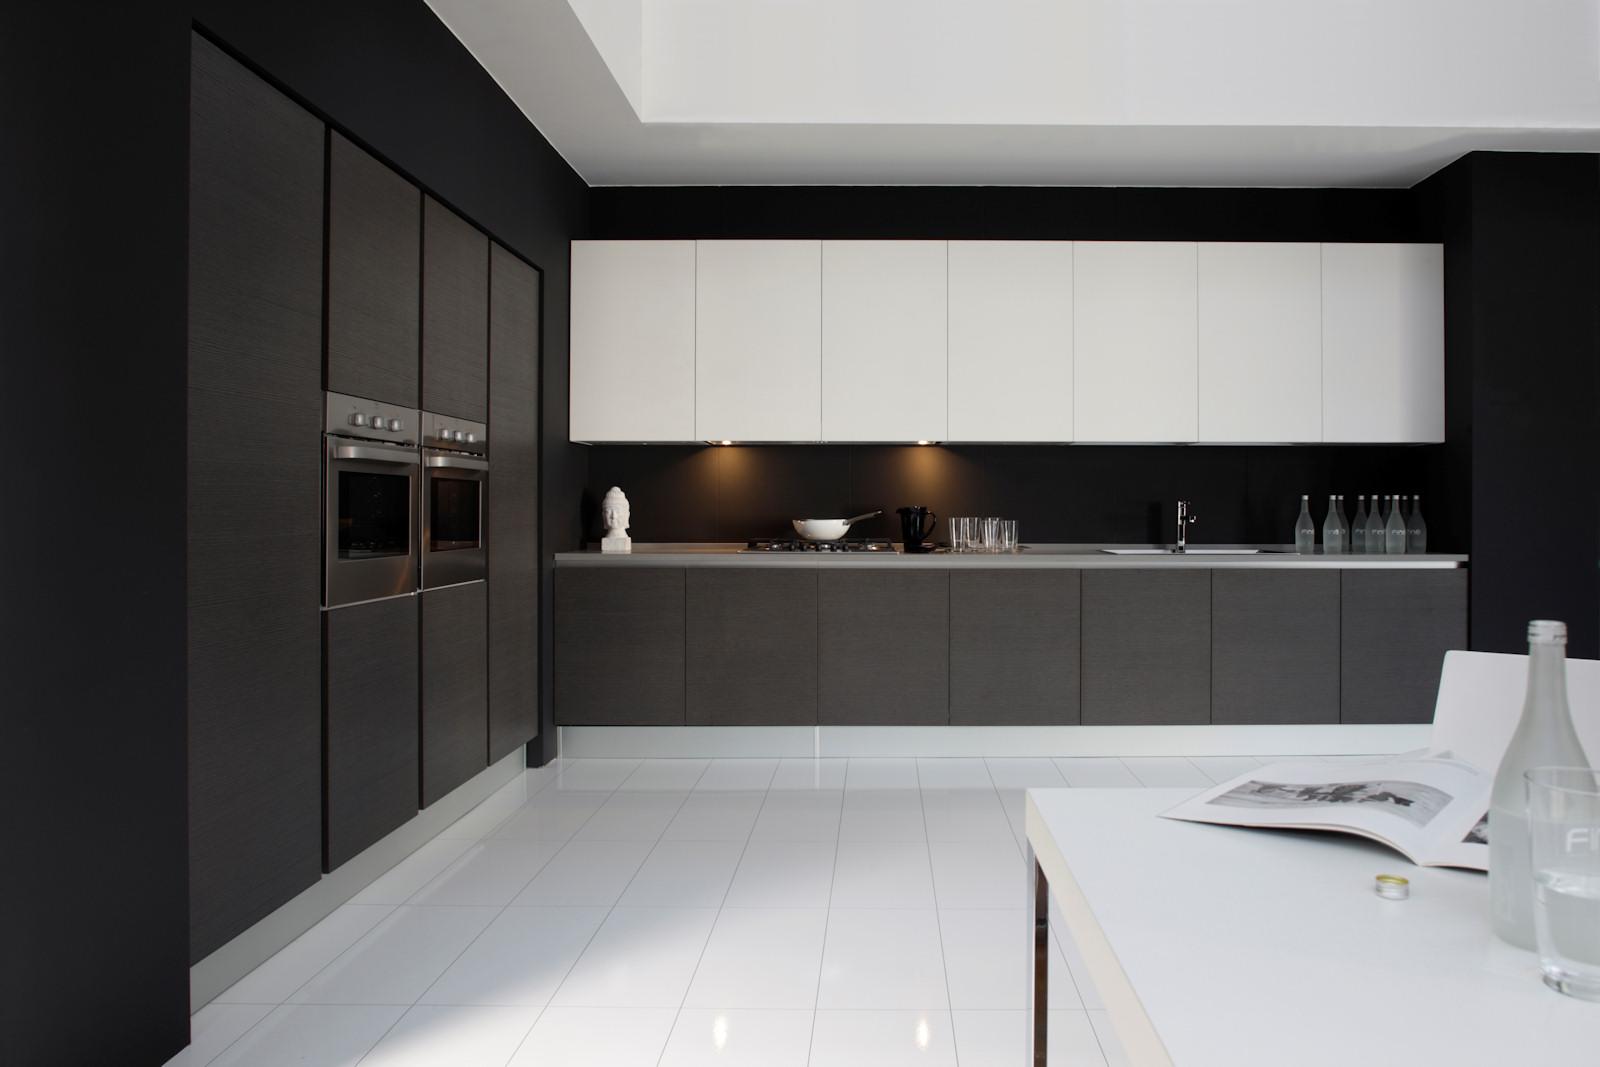 Cucina moderna rovere moro arredamenti e mobili su misura for Moro arredamenti